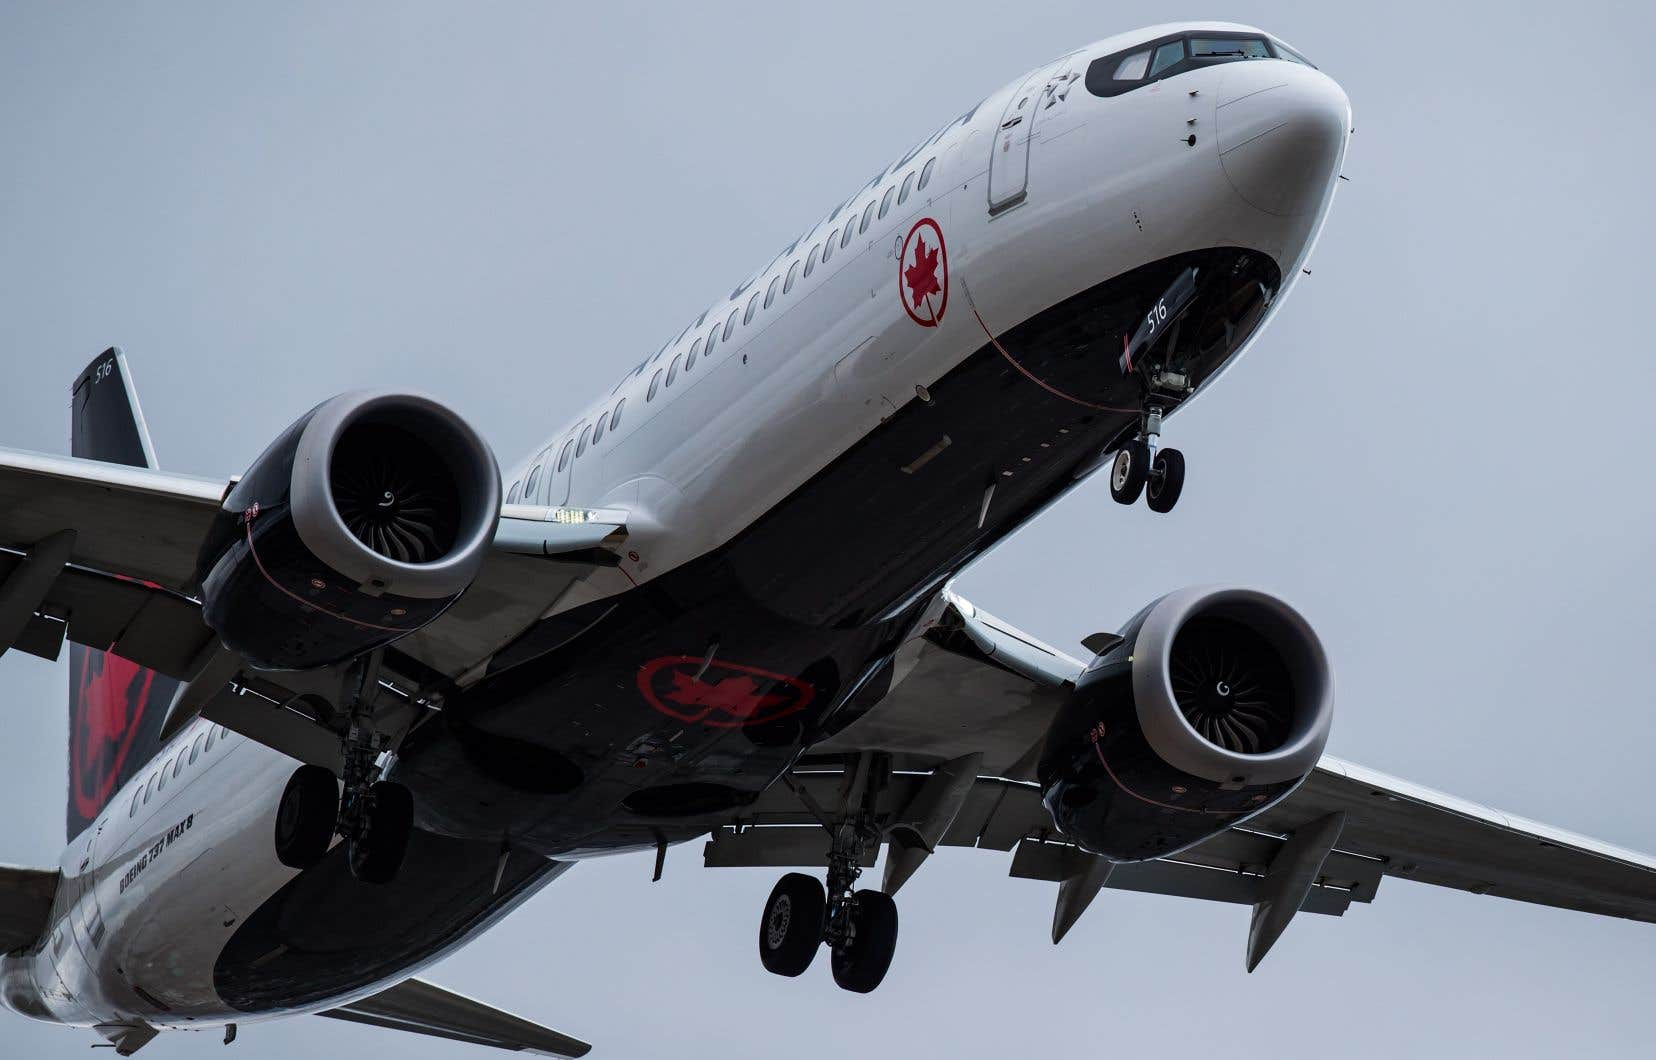 L'immobilisation au sol du 737 MAX a conduit Boeing à en suspendre pour une durée indéterminée les livraisons et la production.